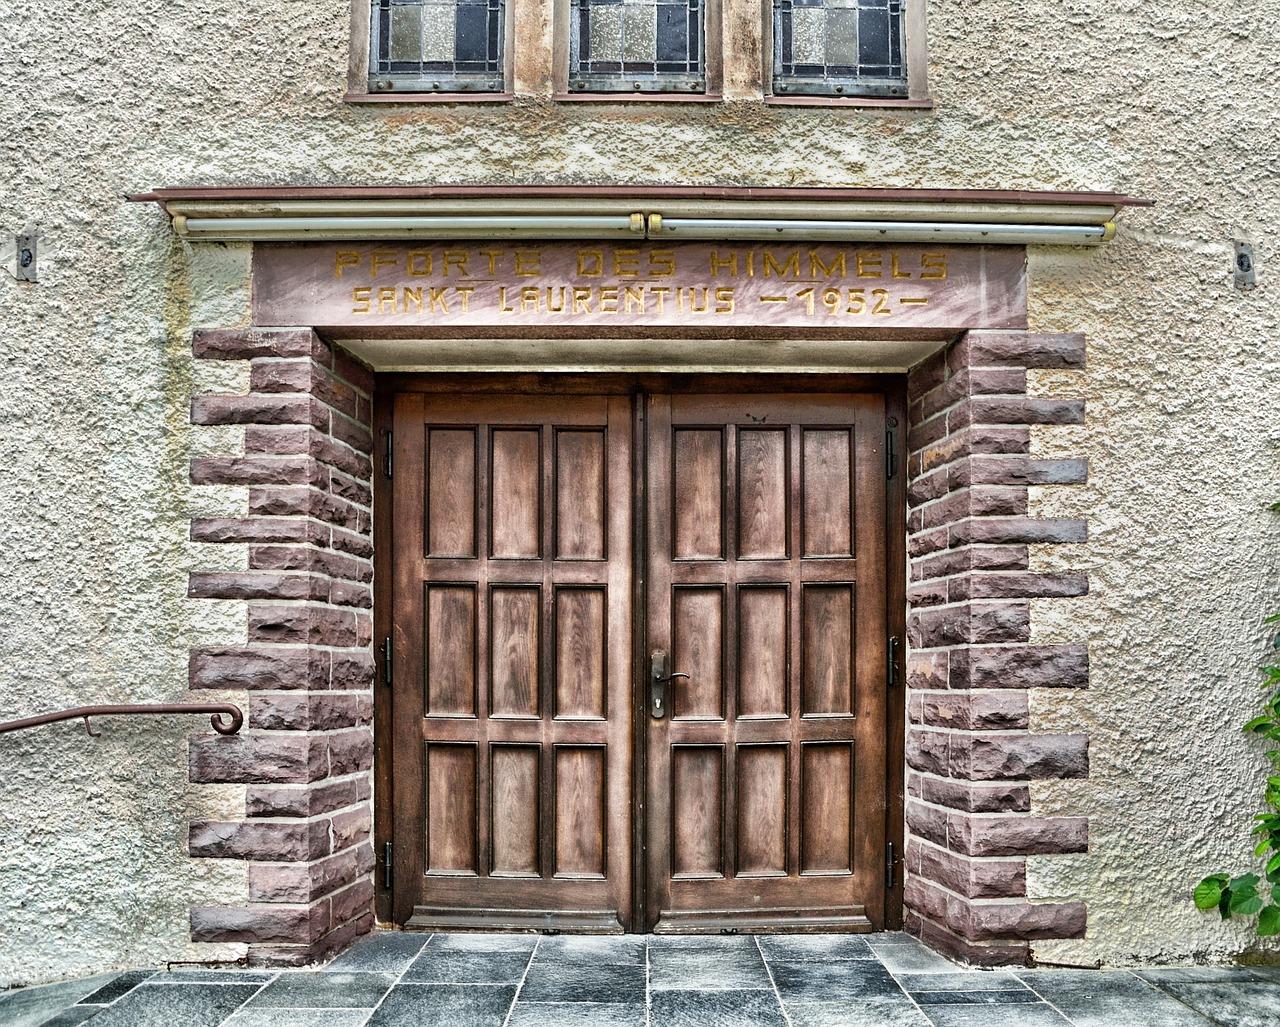 Drzwi zewnętrzne przesuwne na zamówienie. Jak można wybrać odpowiednie drzwi do domu i nie tylko?